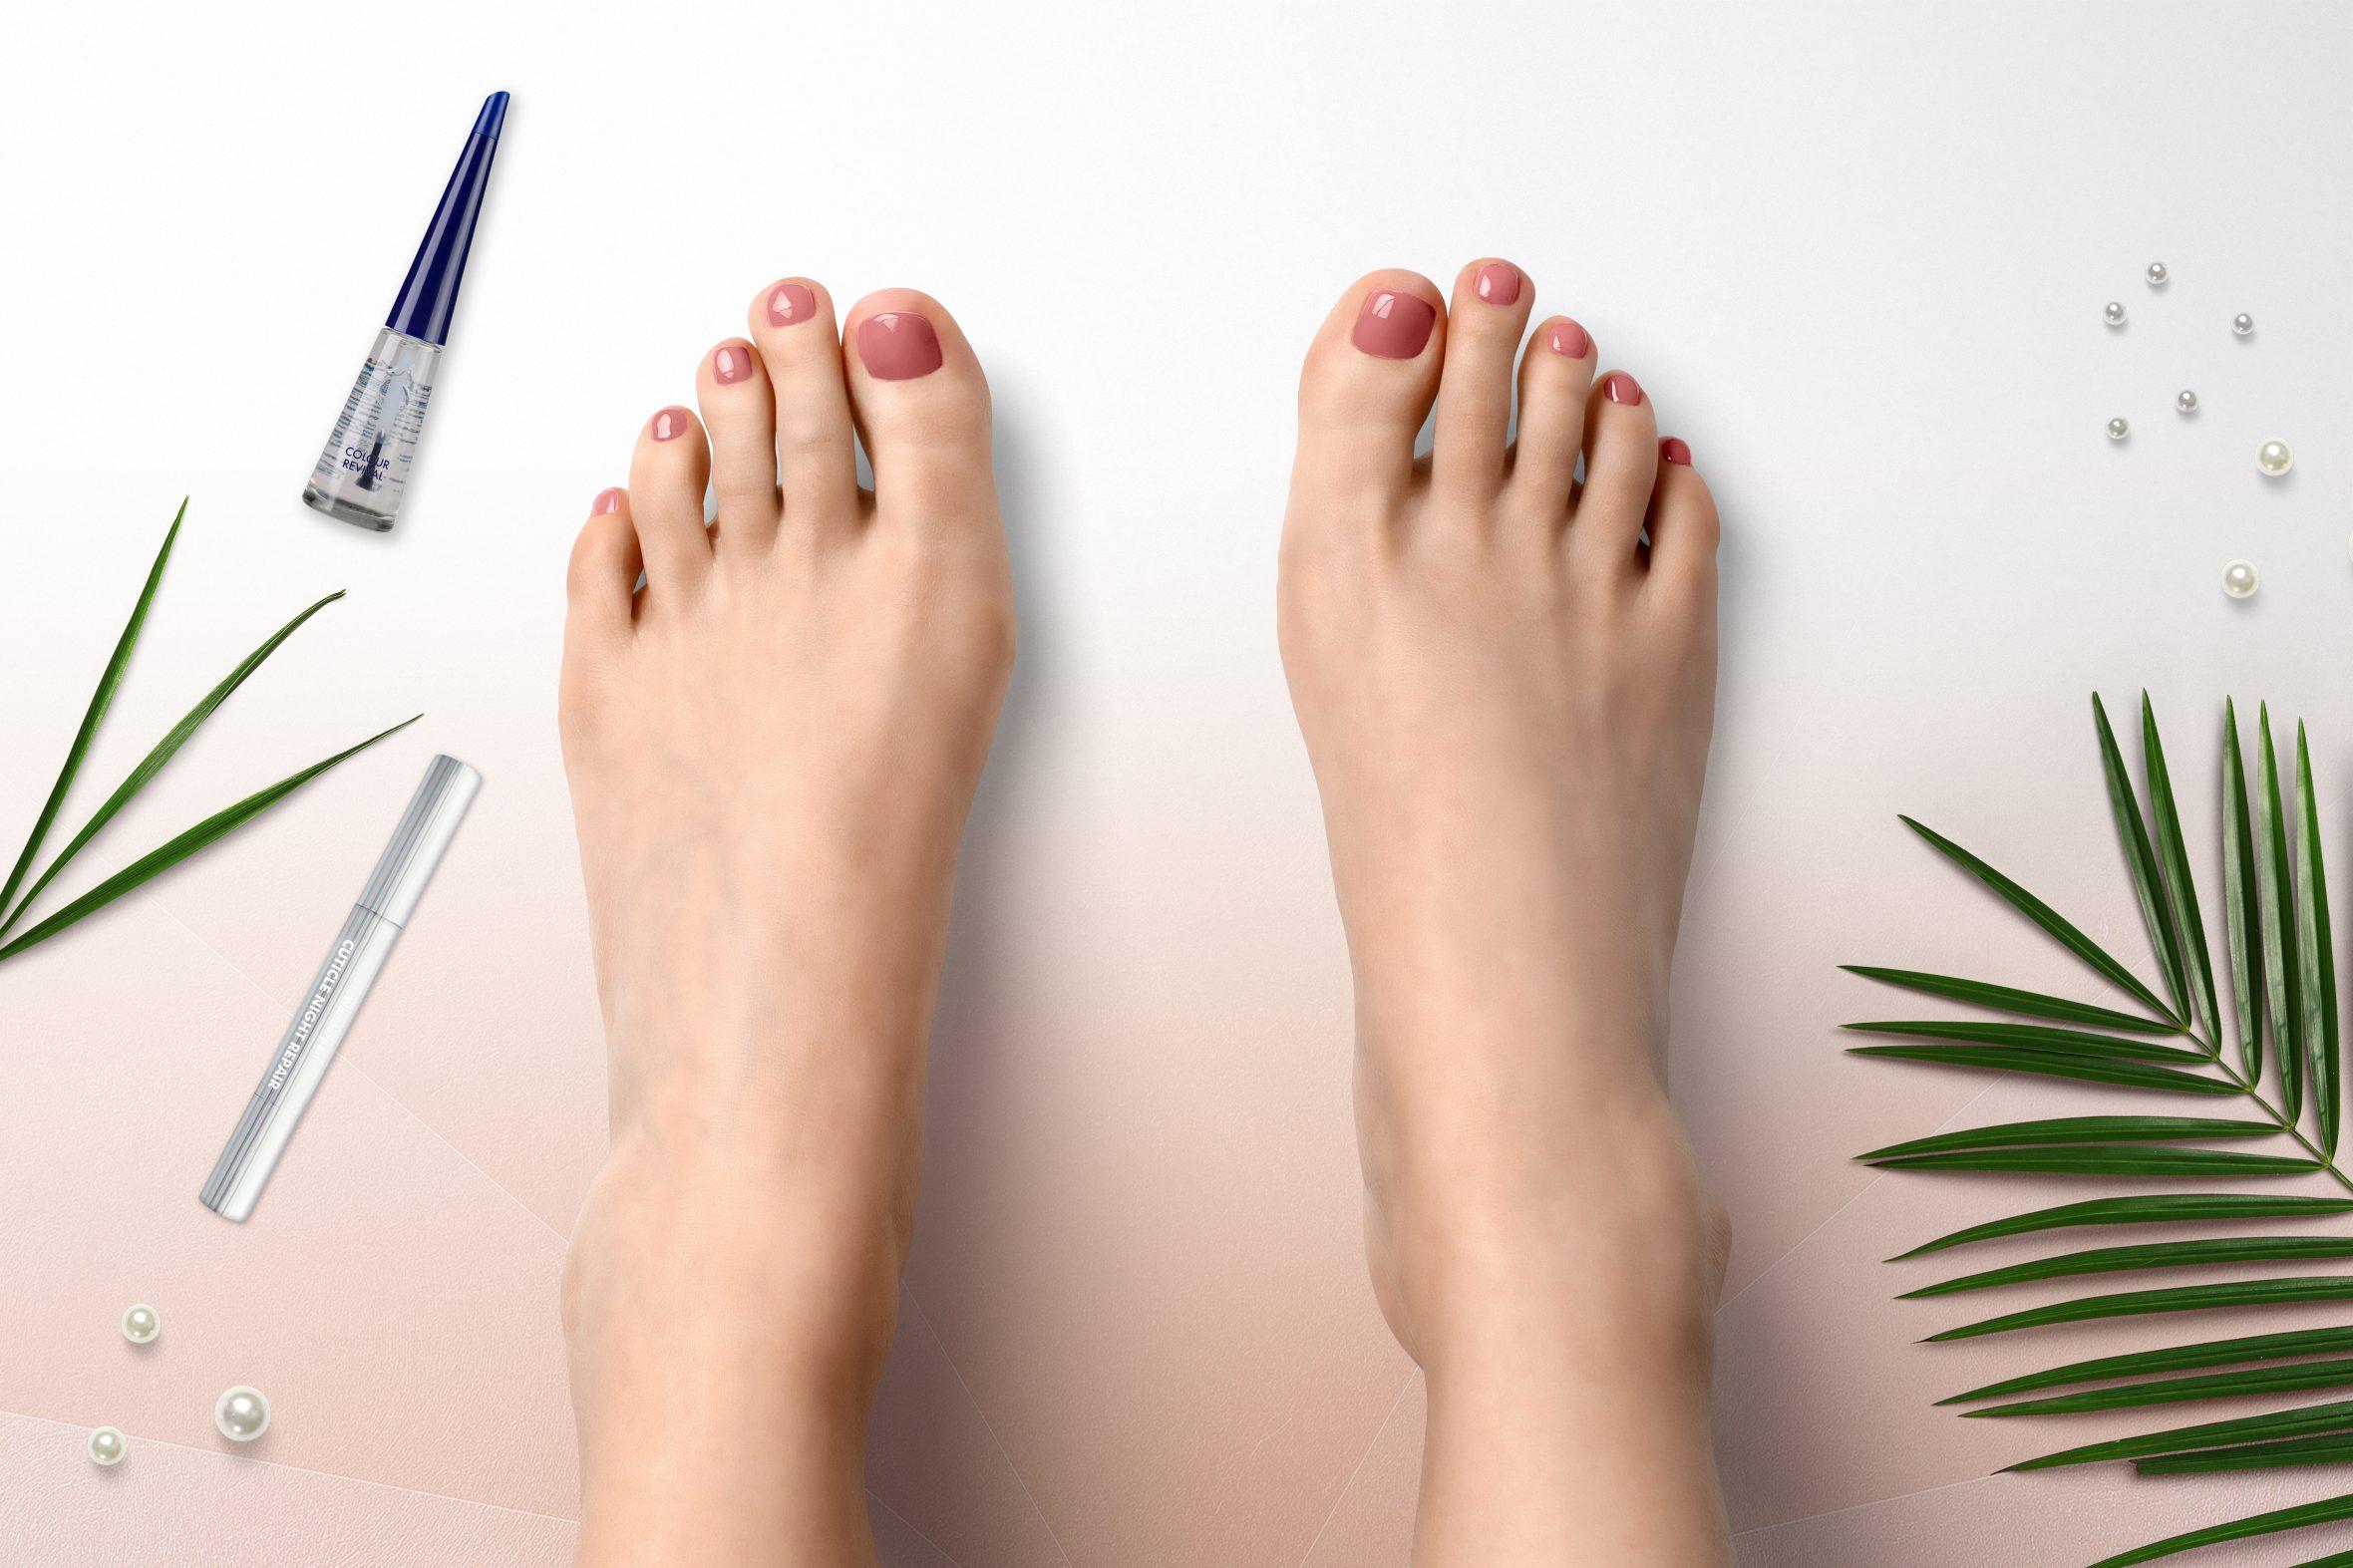 Herôme nagellak kleur nummer 10 op teennagels